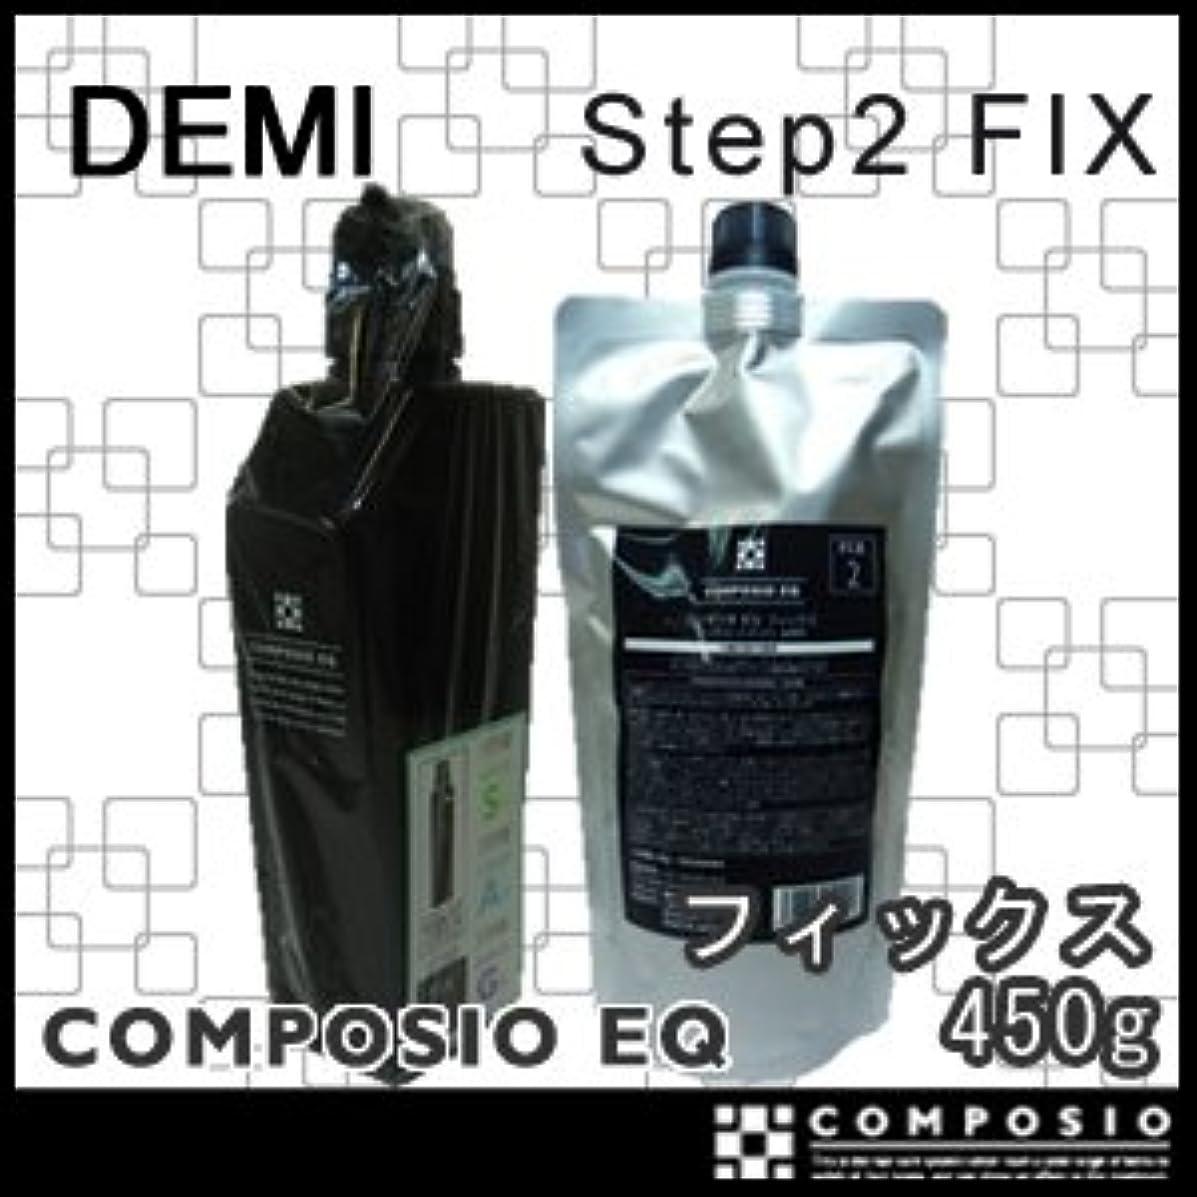 最後の物質アウトドアデミ コンポジオ EQ フィックス 詰替え ボトル付 450g 業務用